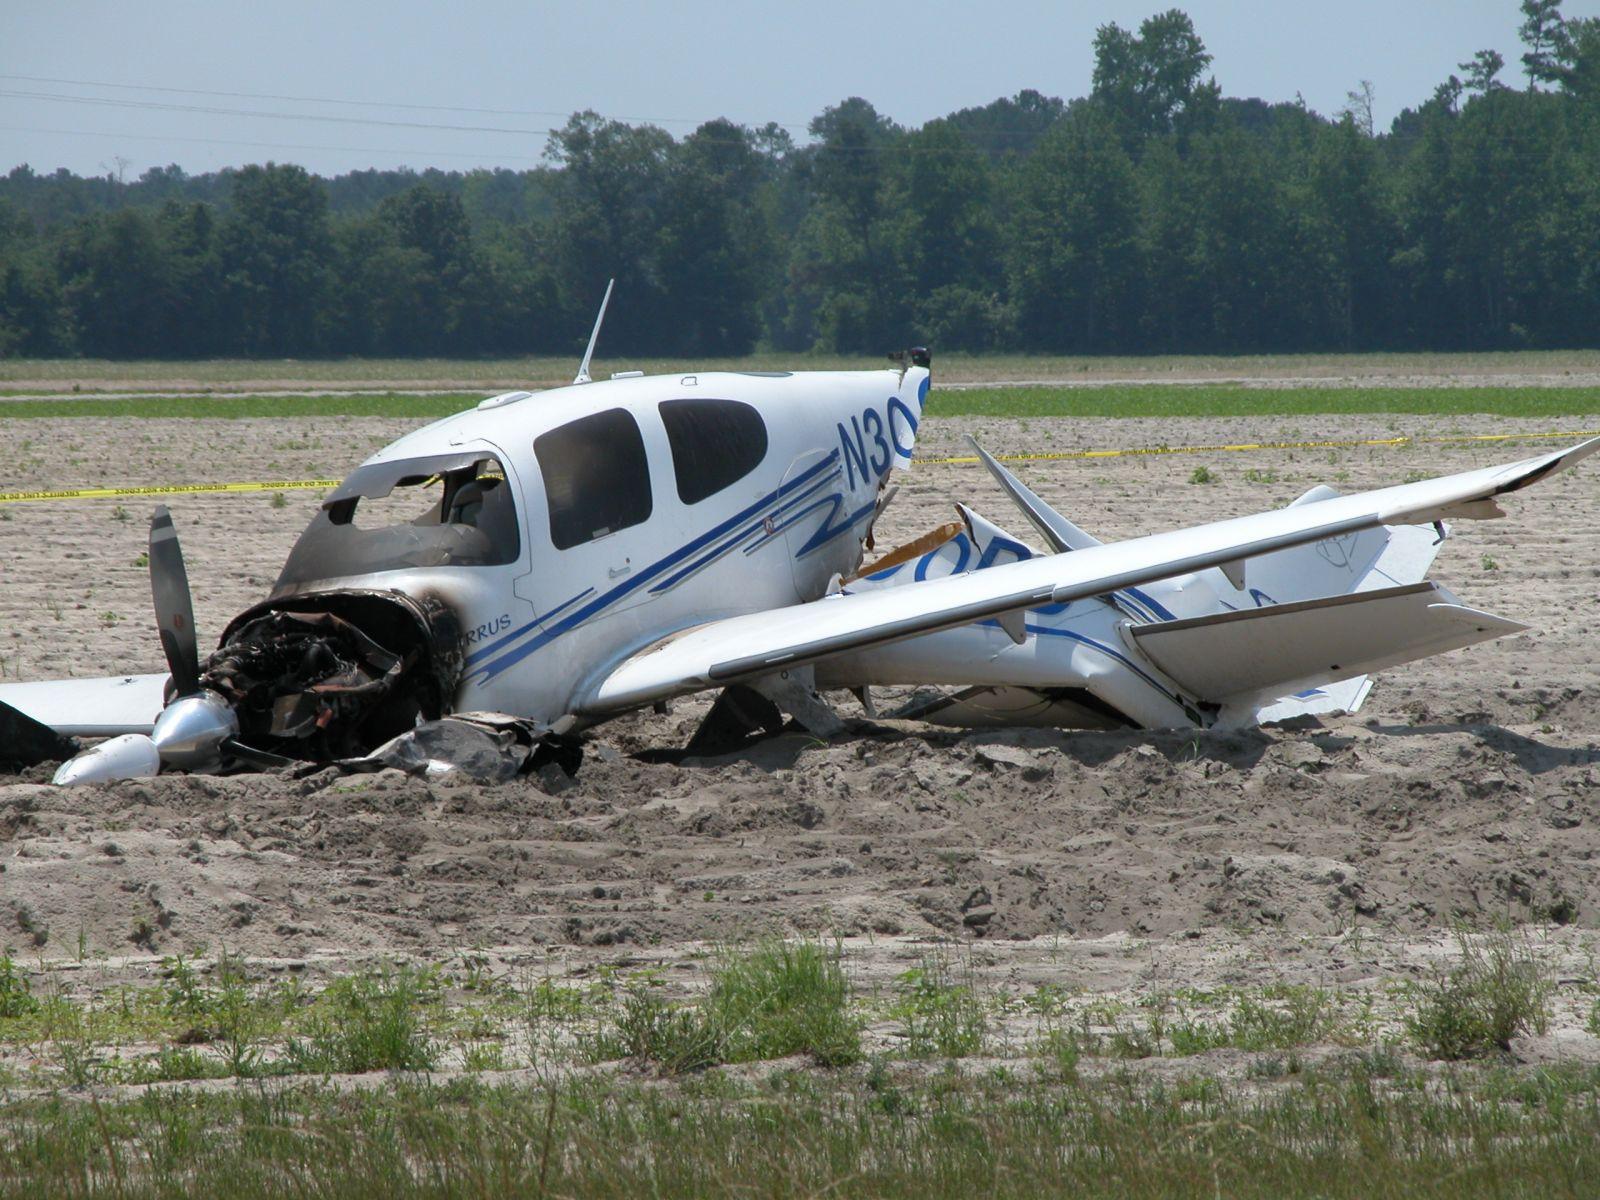 مصرع شخصين في سقوط طائرة صغيرة بأمريكا